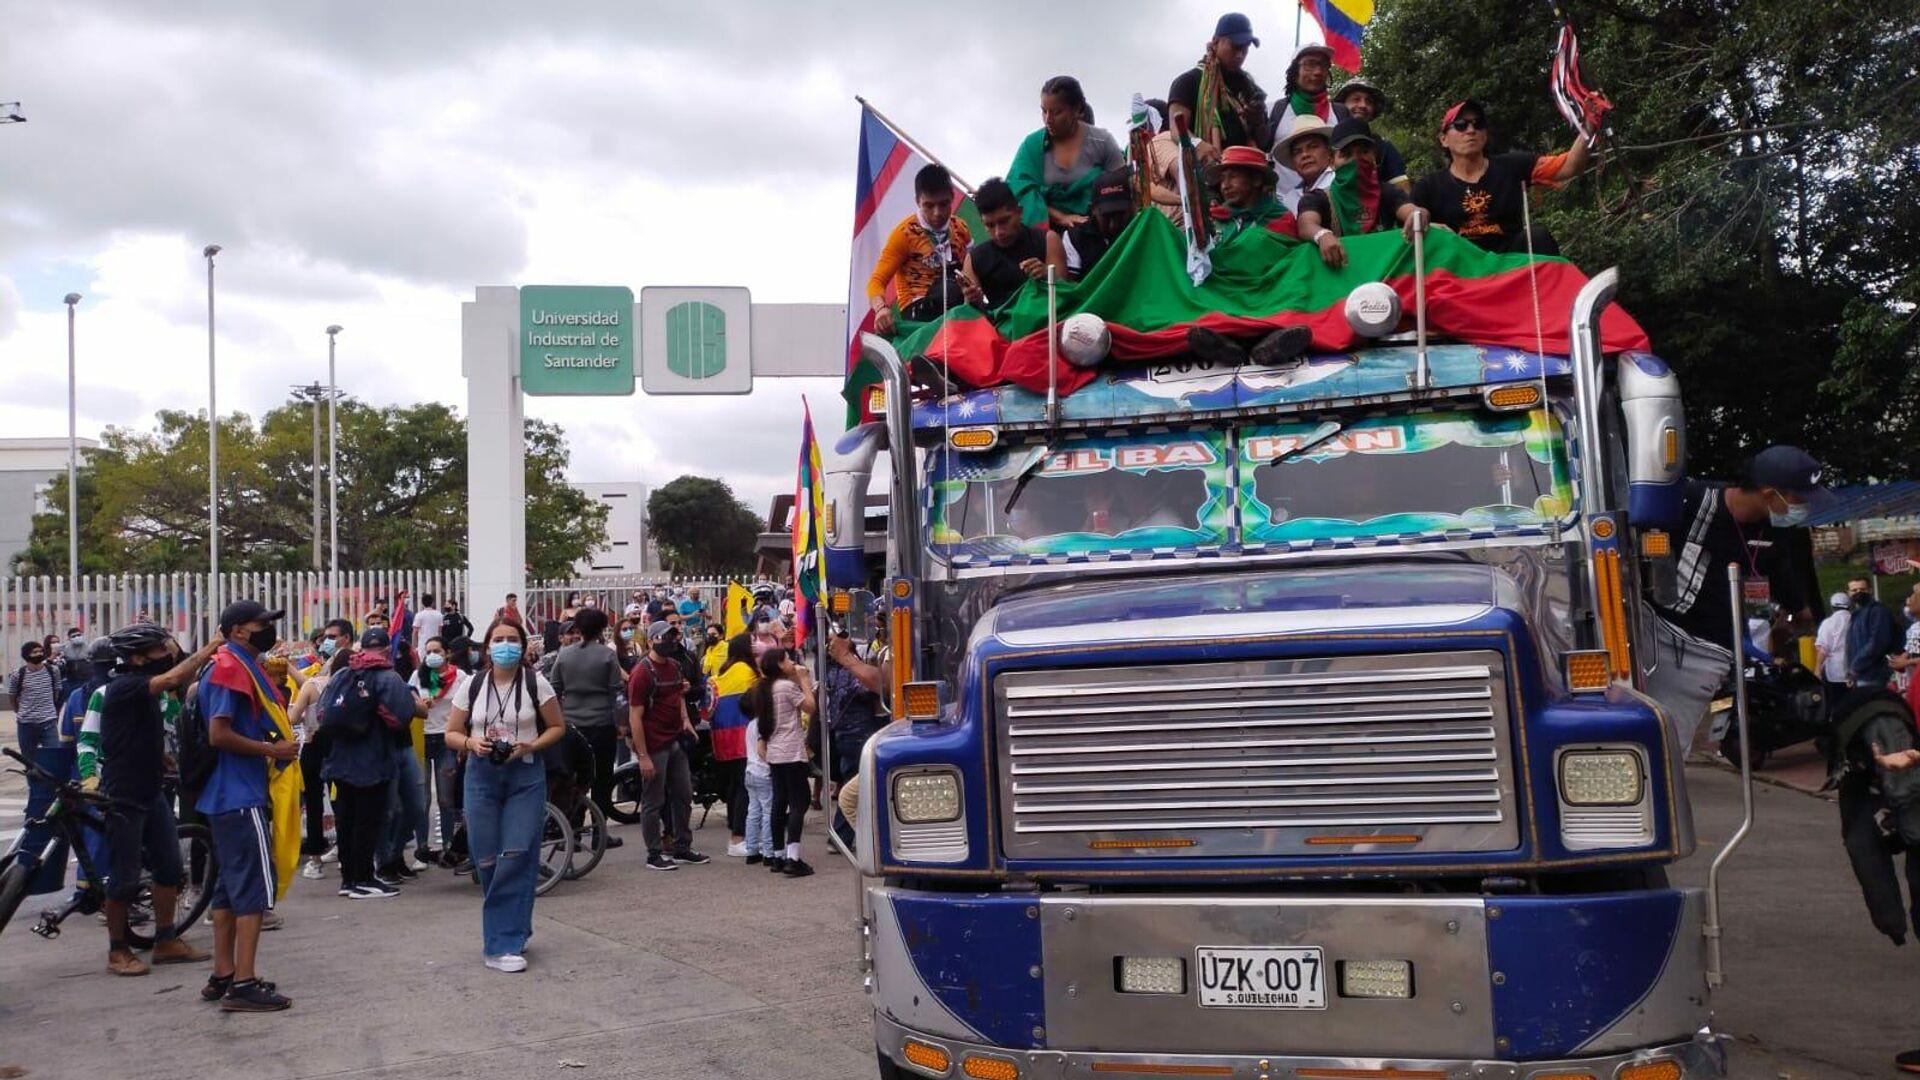 Miembros de la Guardia Indígena del suroccidente de Colombia en una 'chiva', vehículo tradicional, en la Universidad Industrial de Santander (Bucaramanga) - Sputnik Mundo, 1920, 18.07.2021